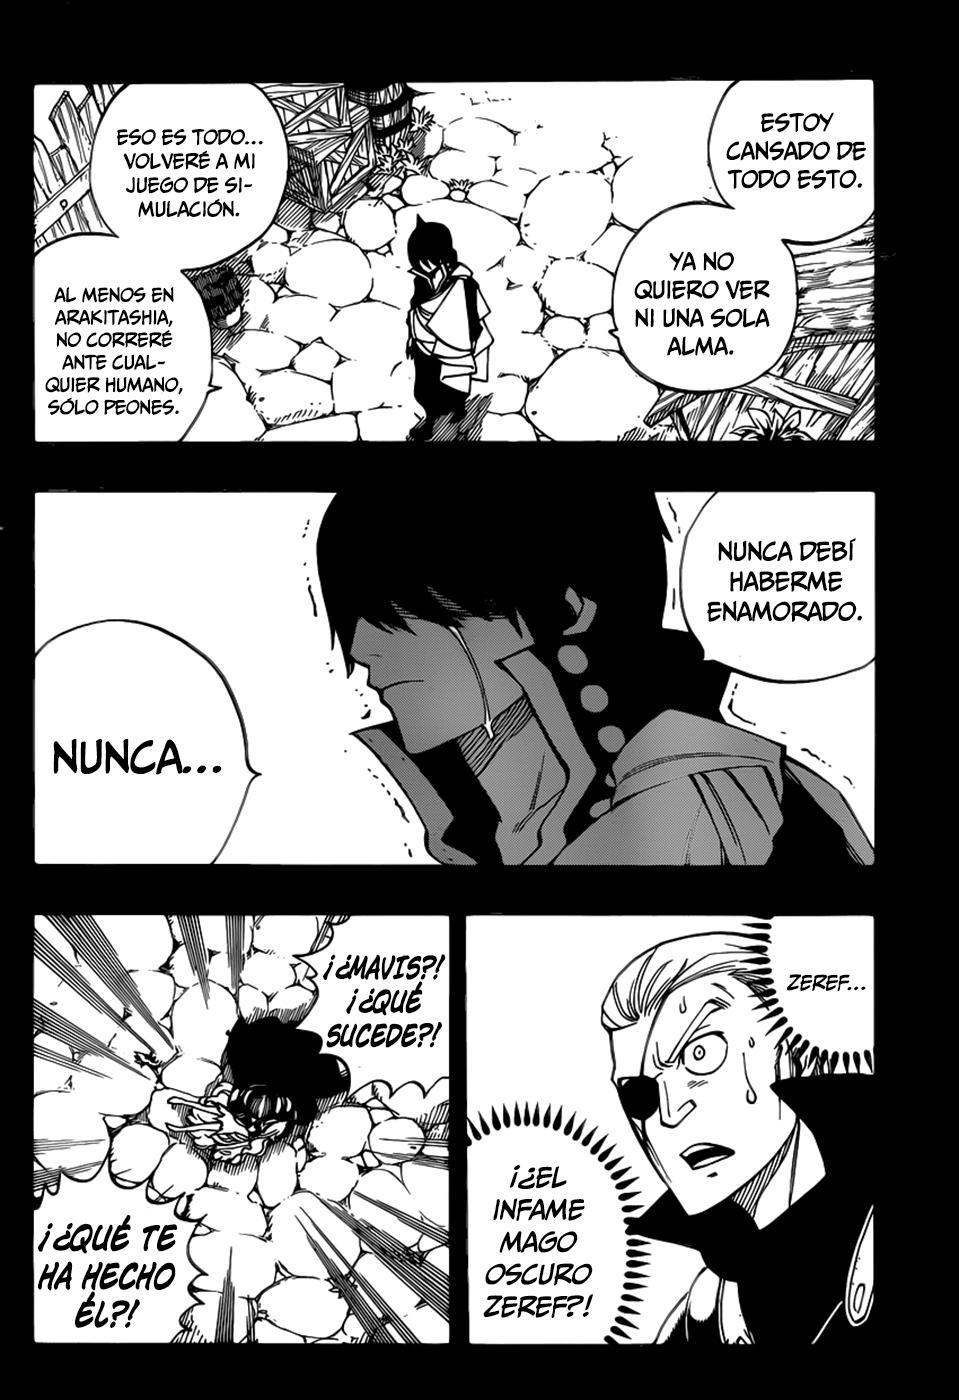 http://c5.ninemanga.com/es_manga/14/78/415515/75124f25b1db7620476f6d70697fec61.jpg Page 7